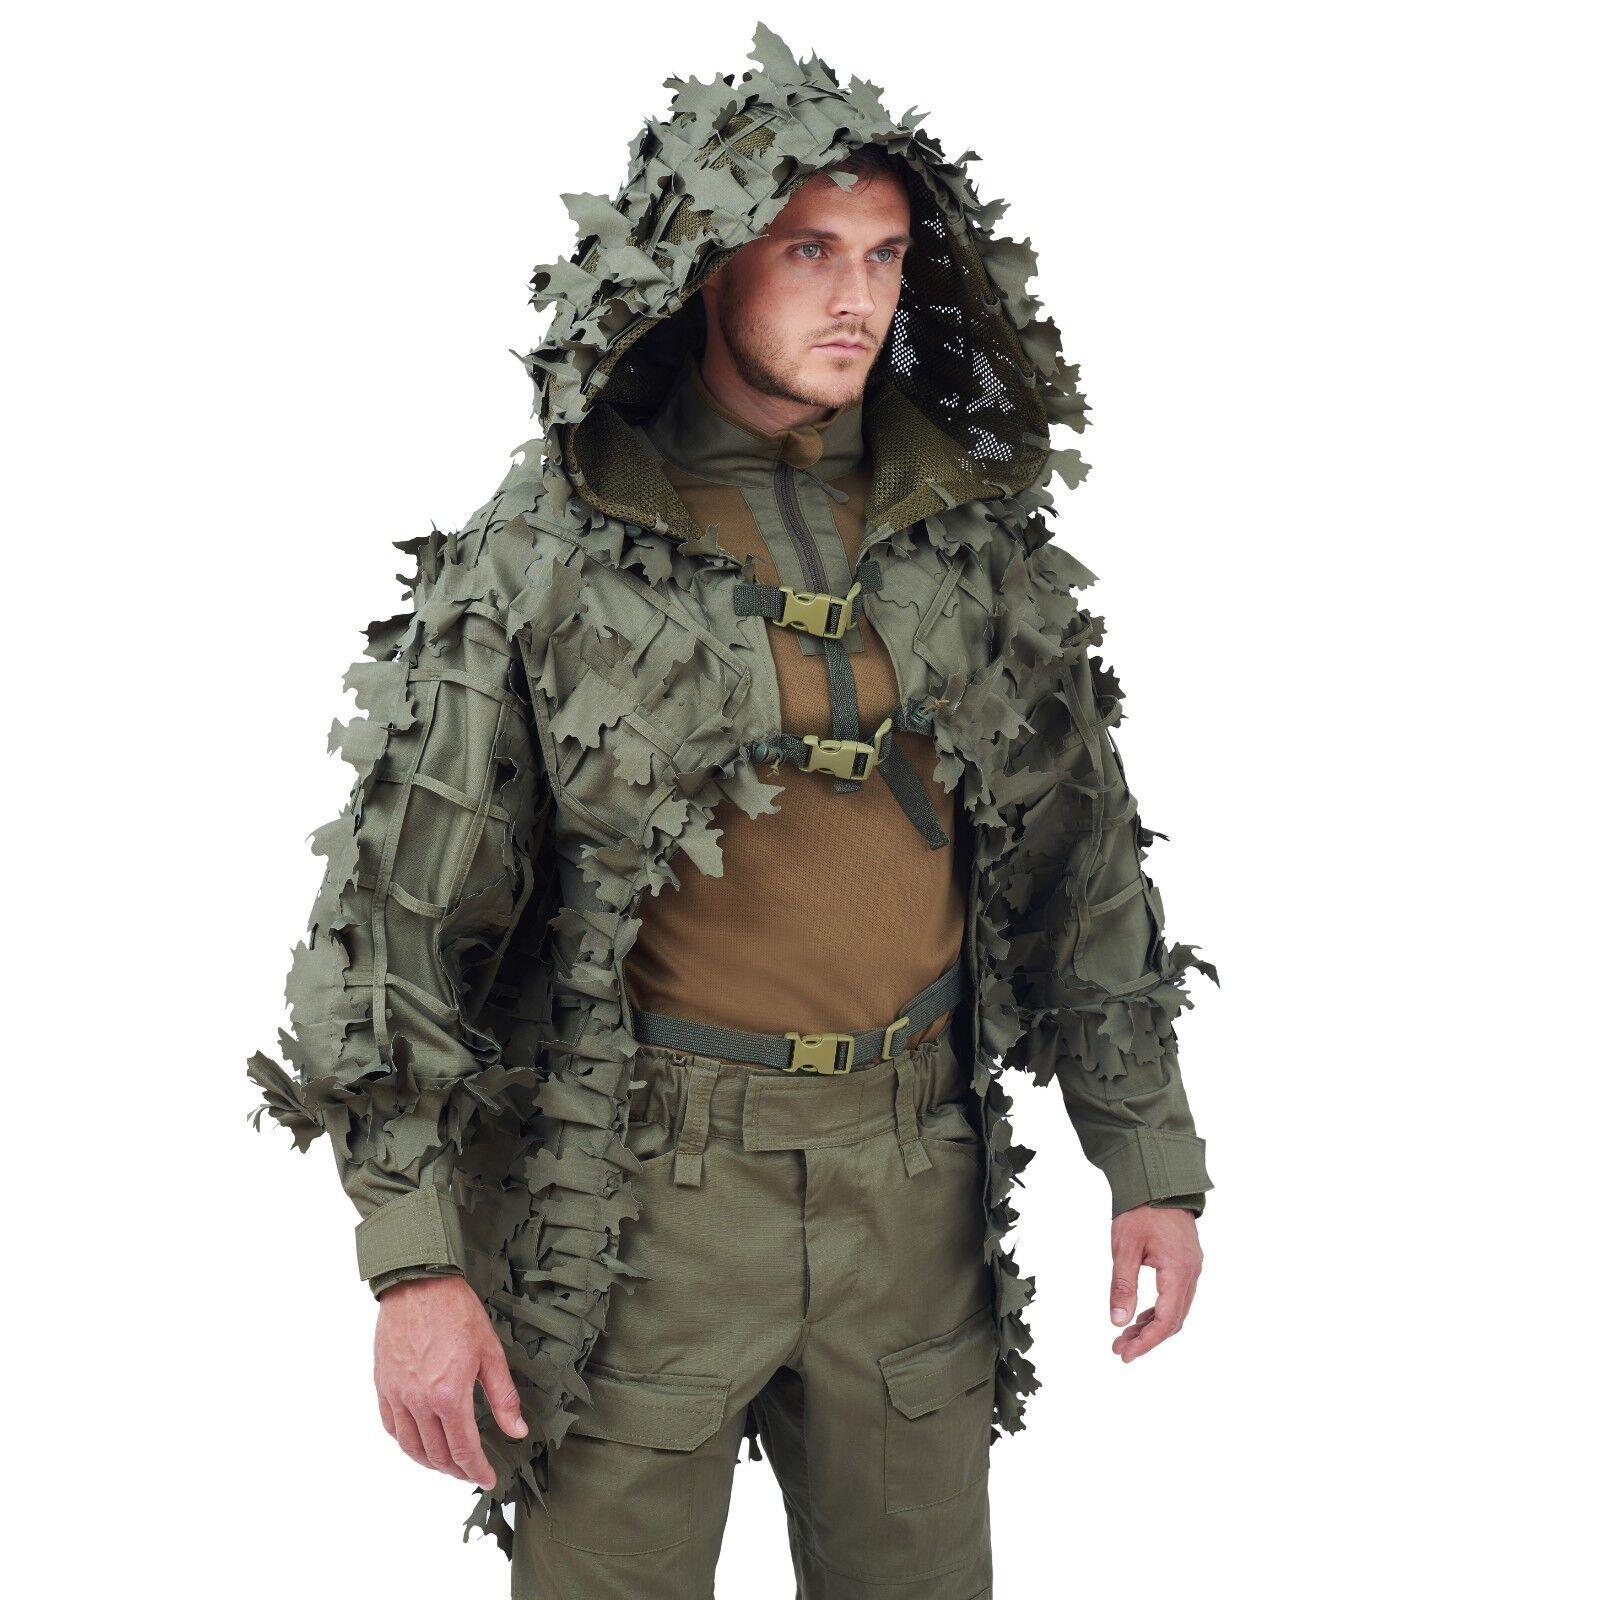 Disguise Sniper Platform   Alligator 3D    Viper Hood Olive Giena Tactics  the newest brands outlet online